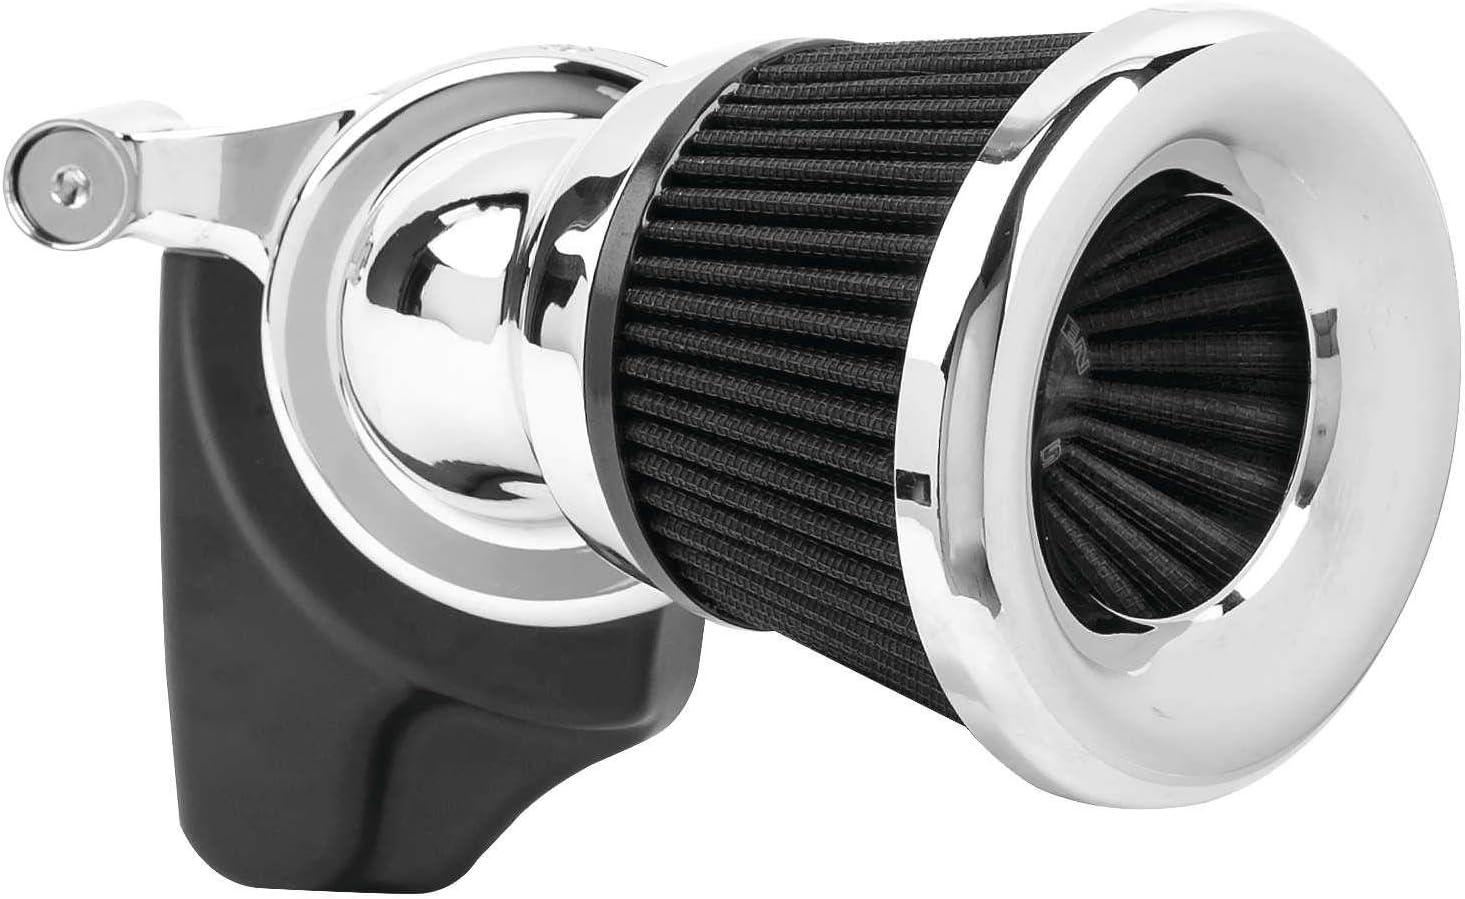 Black Arlen Ness 81-202 Velocity 65 Degree Air Cleaner Kit